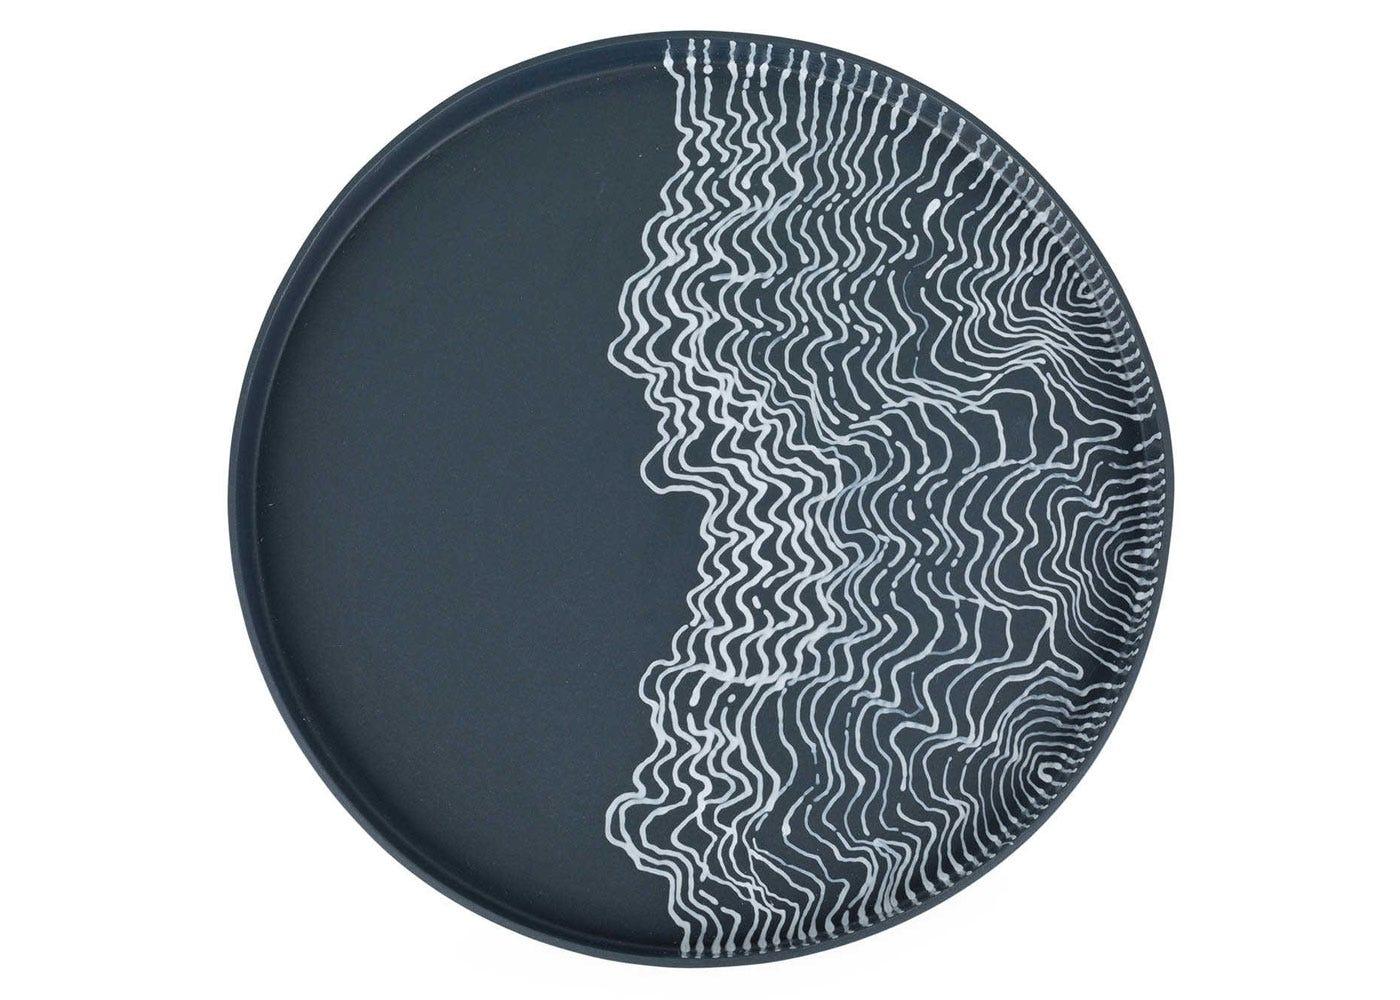 Estuarine plate black medium front view